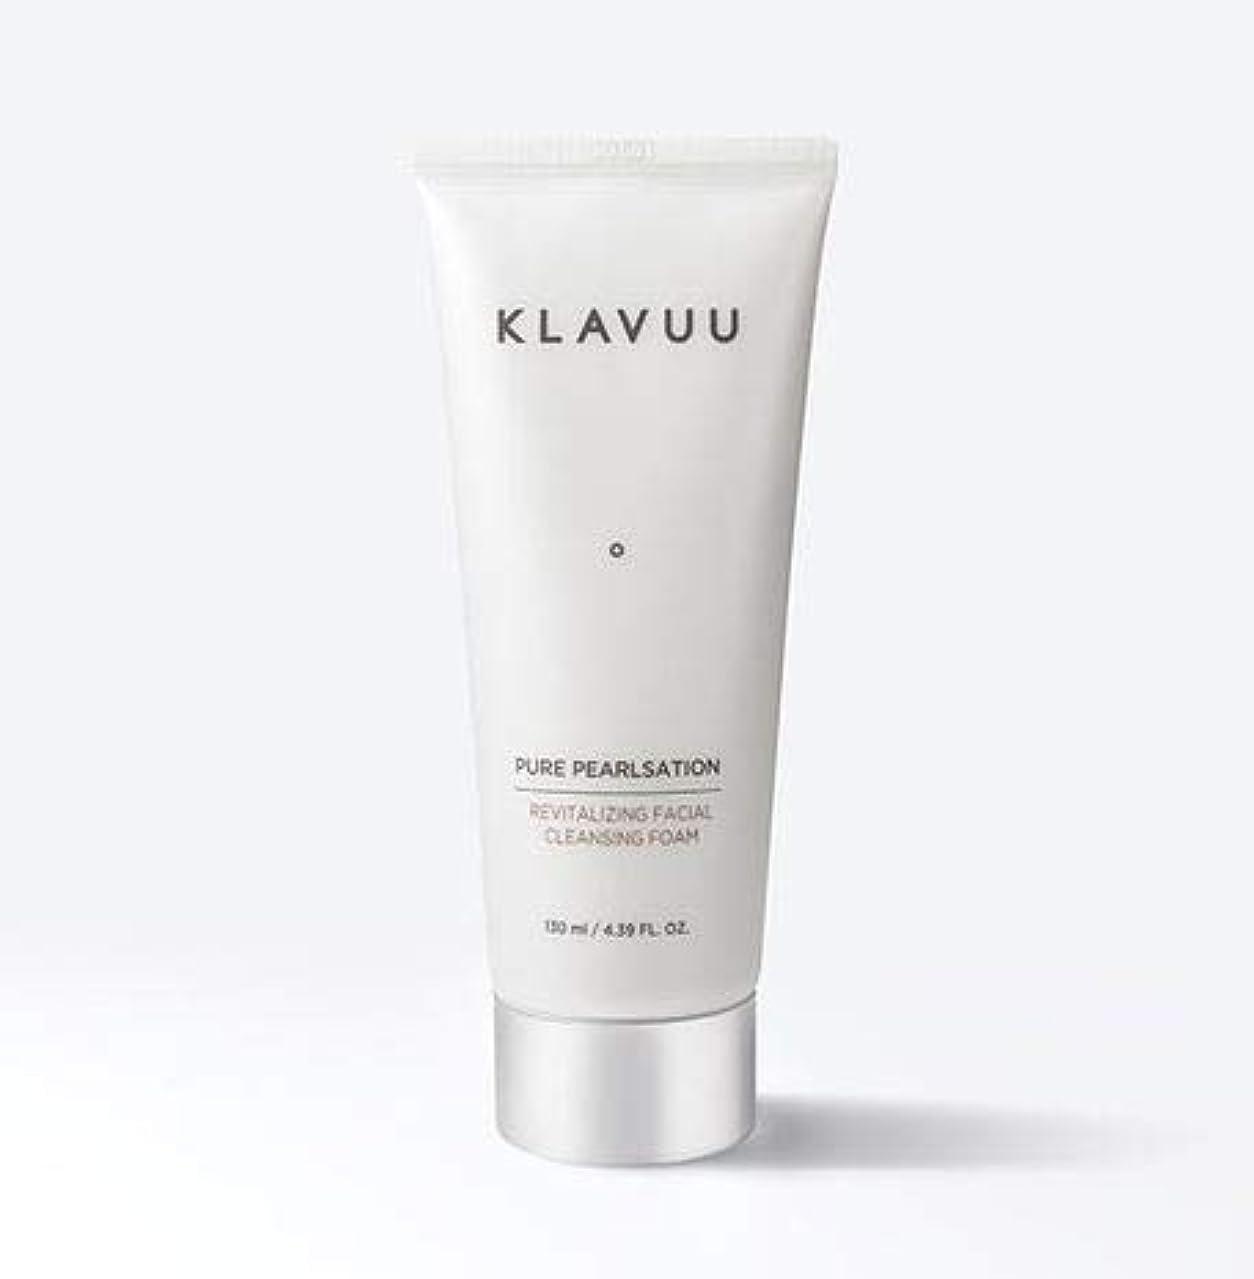 変更可能若者計算する[ Klavuu ] PURE PEARLSATION Revitalizing Facial Cleansing Foam /[クラビュー ] ピュア パールセ―ション リバイタライジング フェイシャル クレンジング フォーム [並行輸入品]